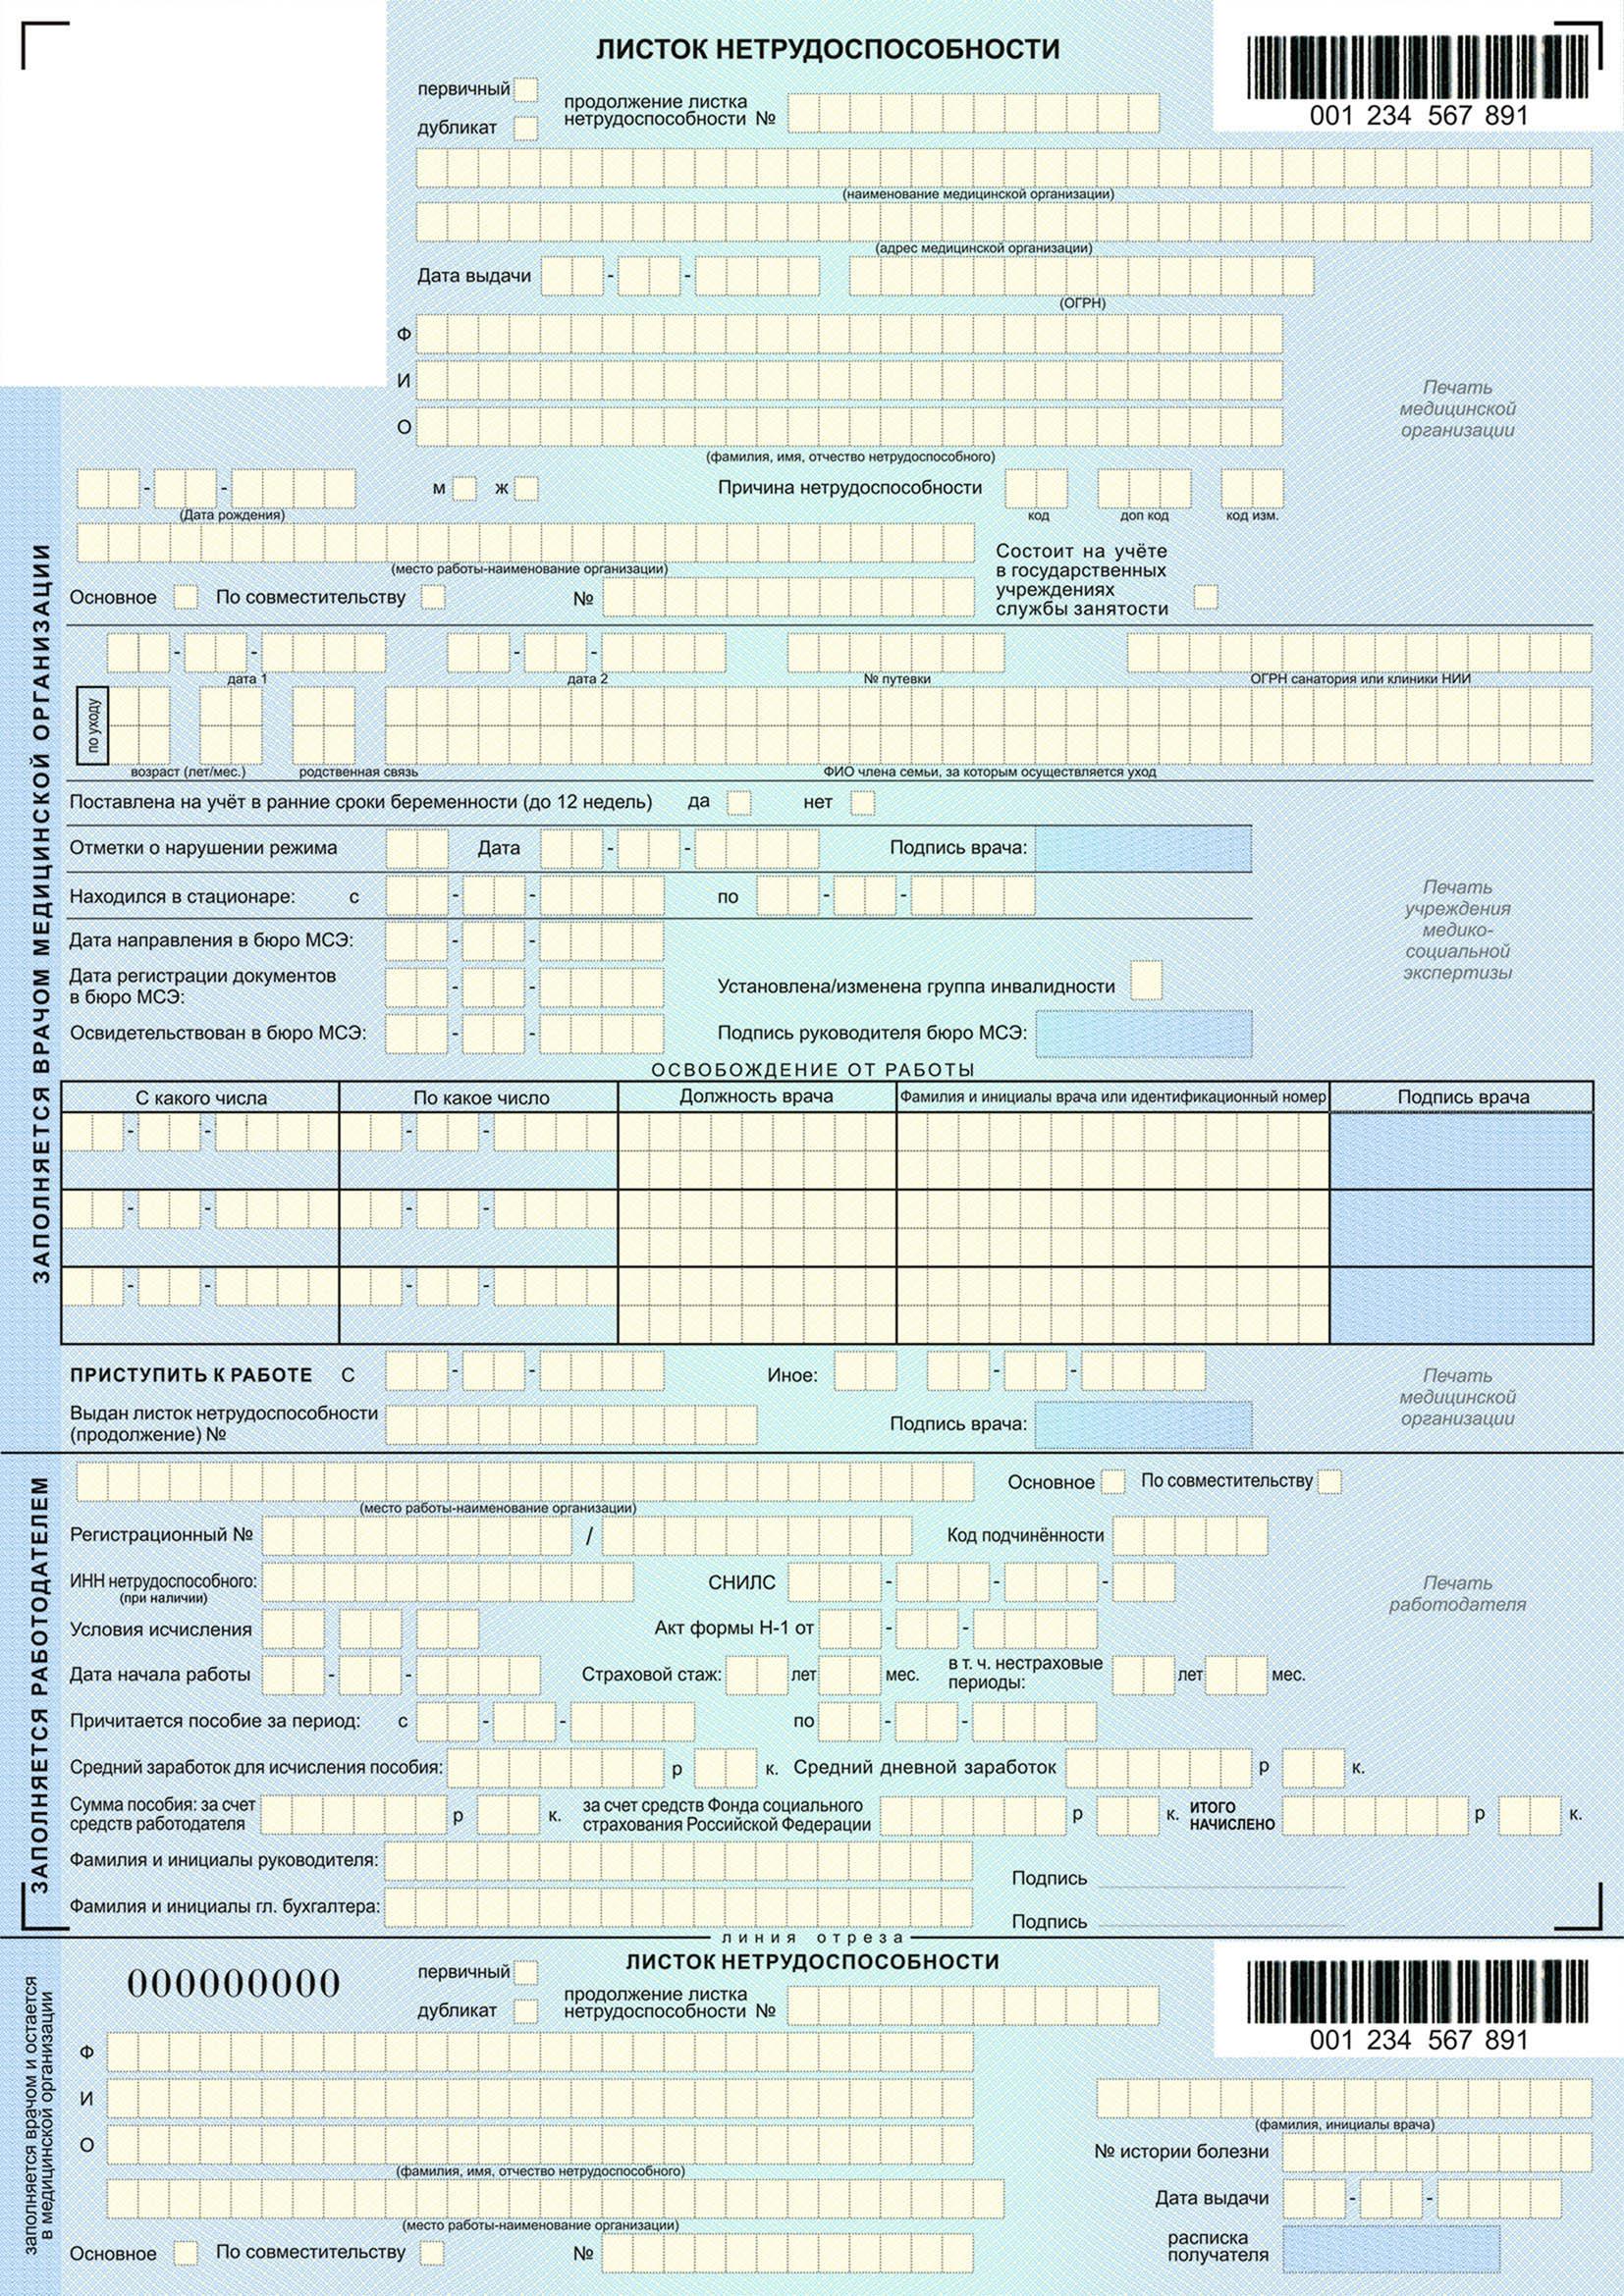 Как оформить больничный лист по беременности и родам 2018